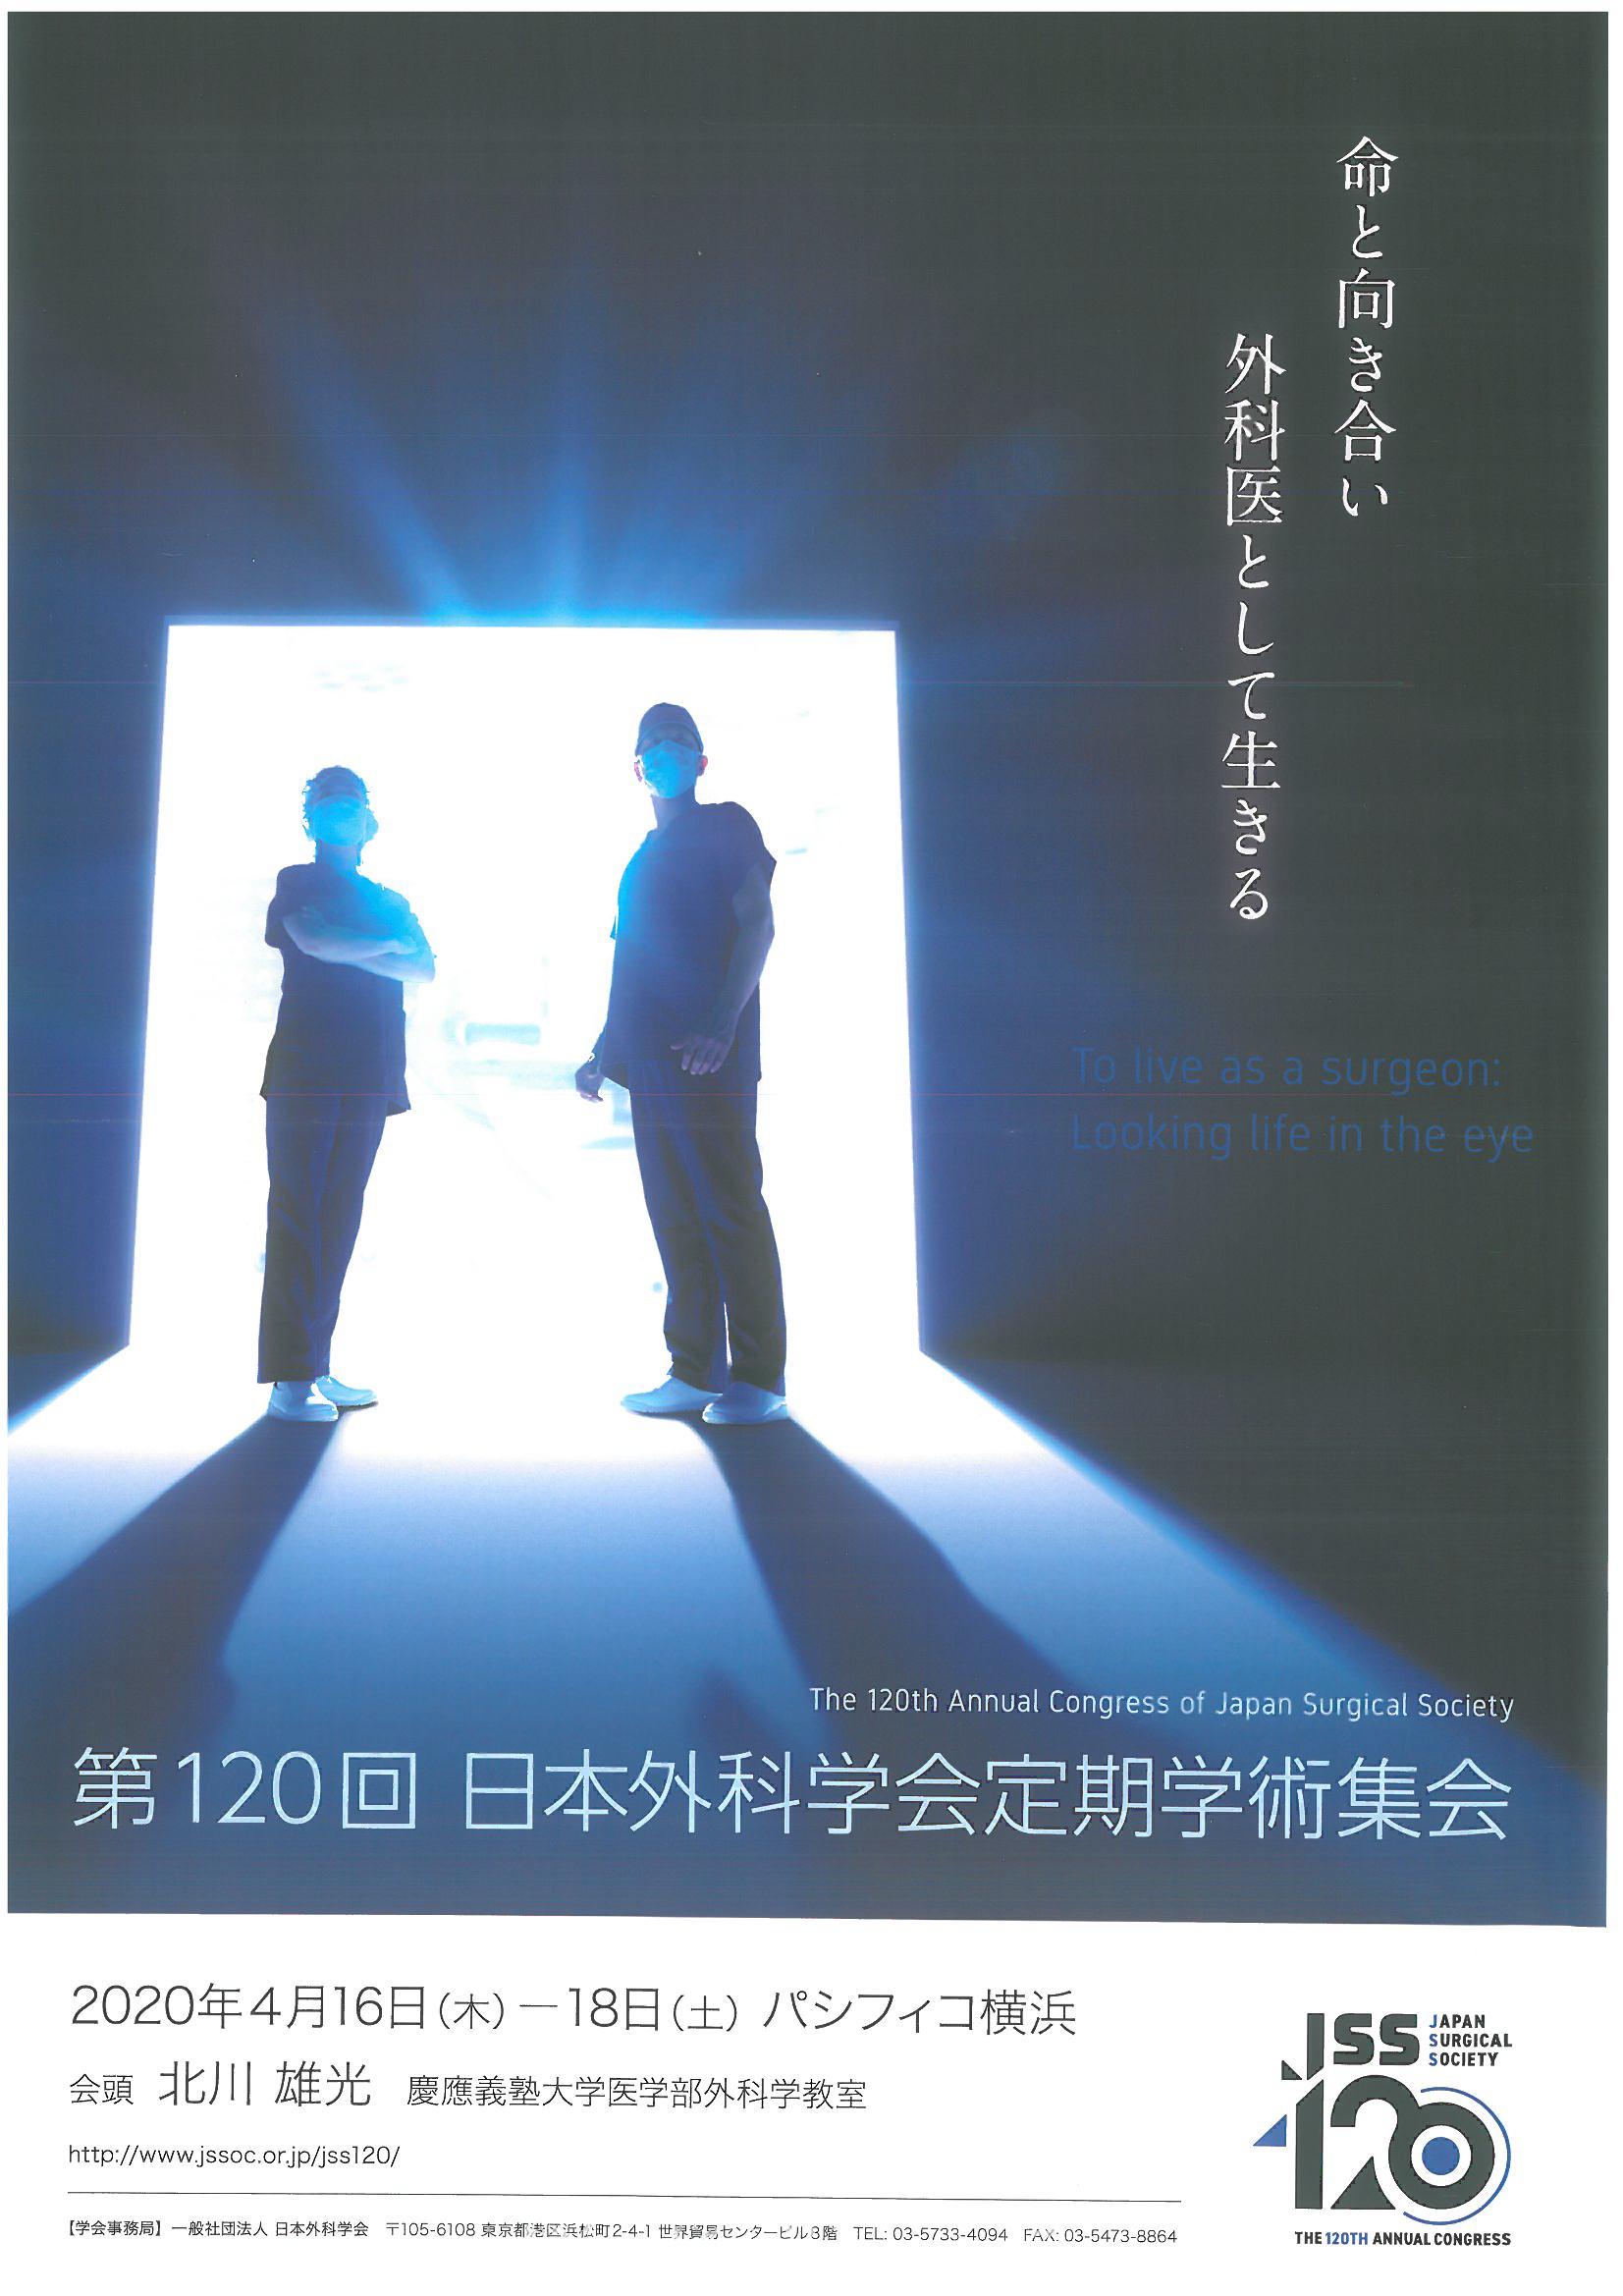 第120回 日本外科学会定期学術集会 @ パシフィコ横浜